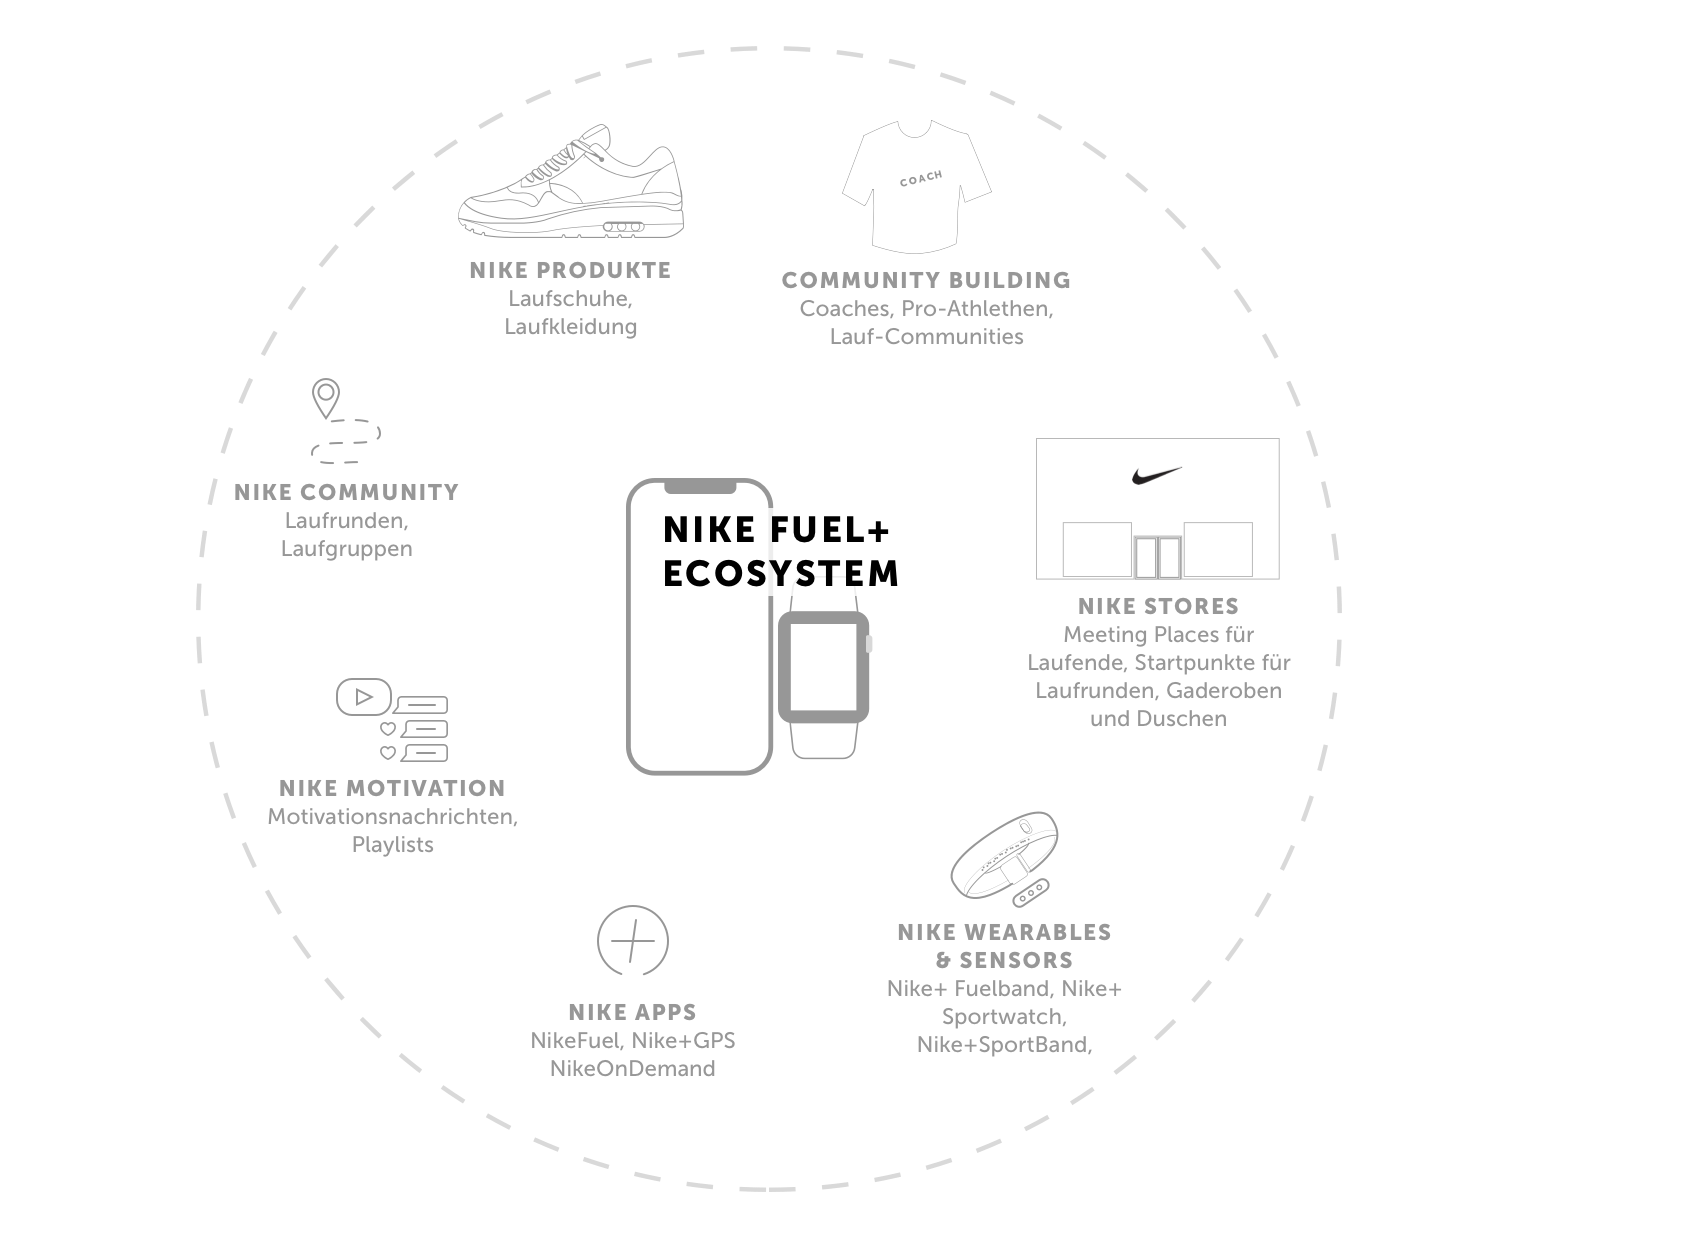 Produkt Service Ökosystem gestaltet durch Service Design